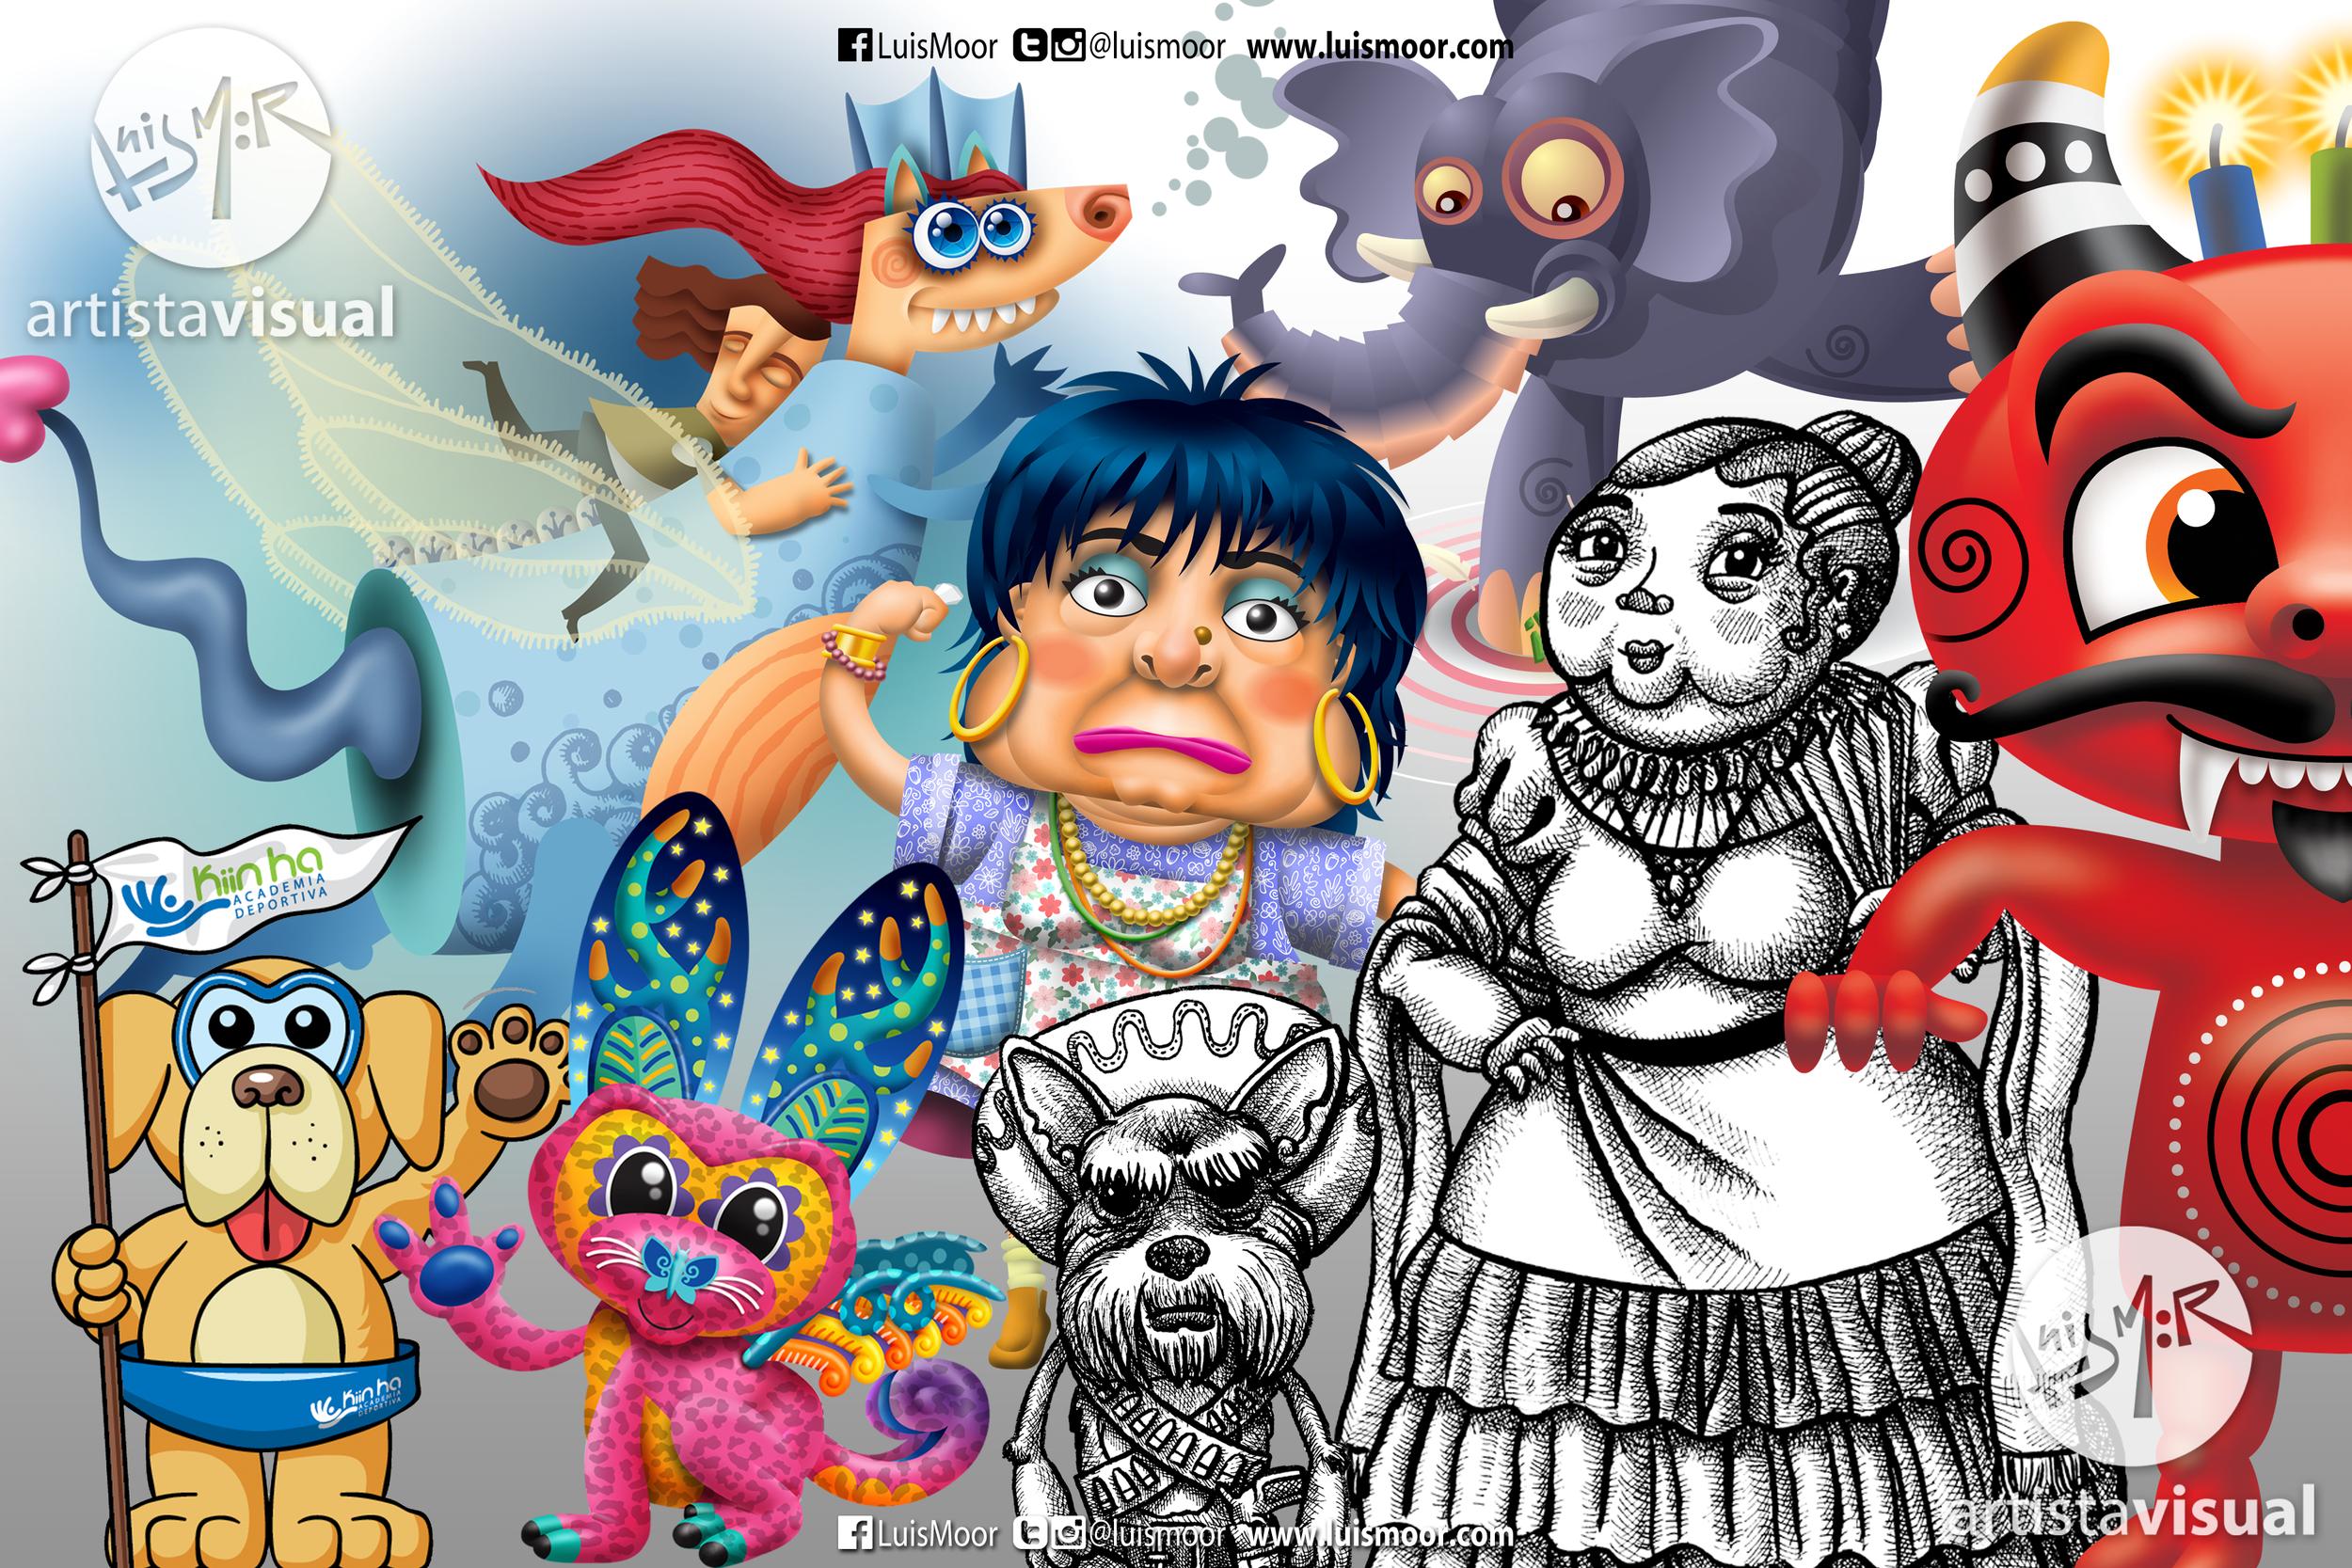 Diseño de personajes para diferentes proyectos/medios